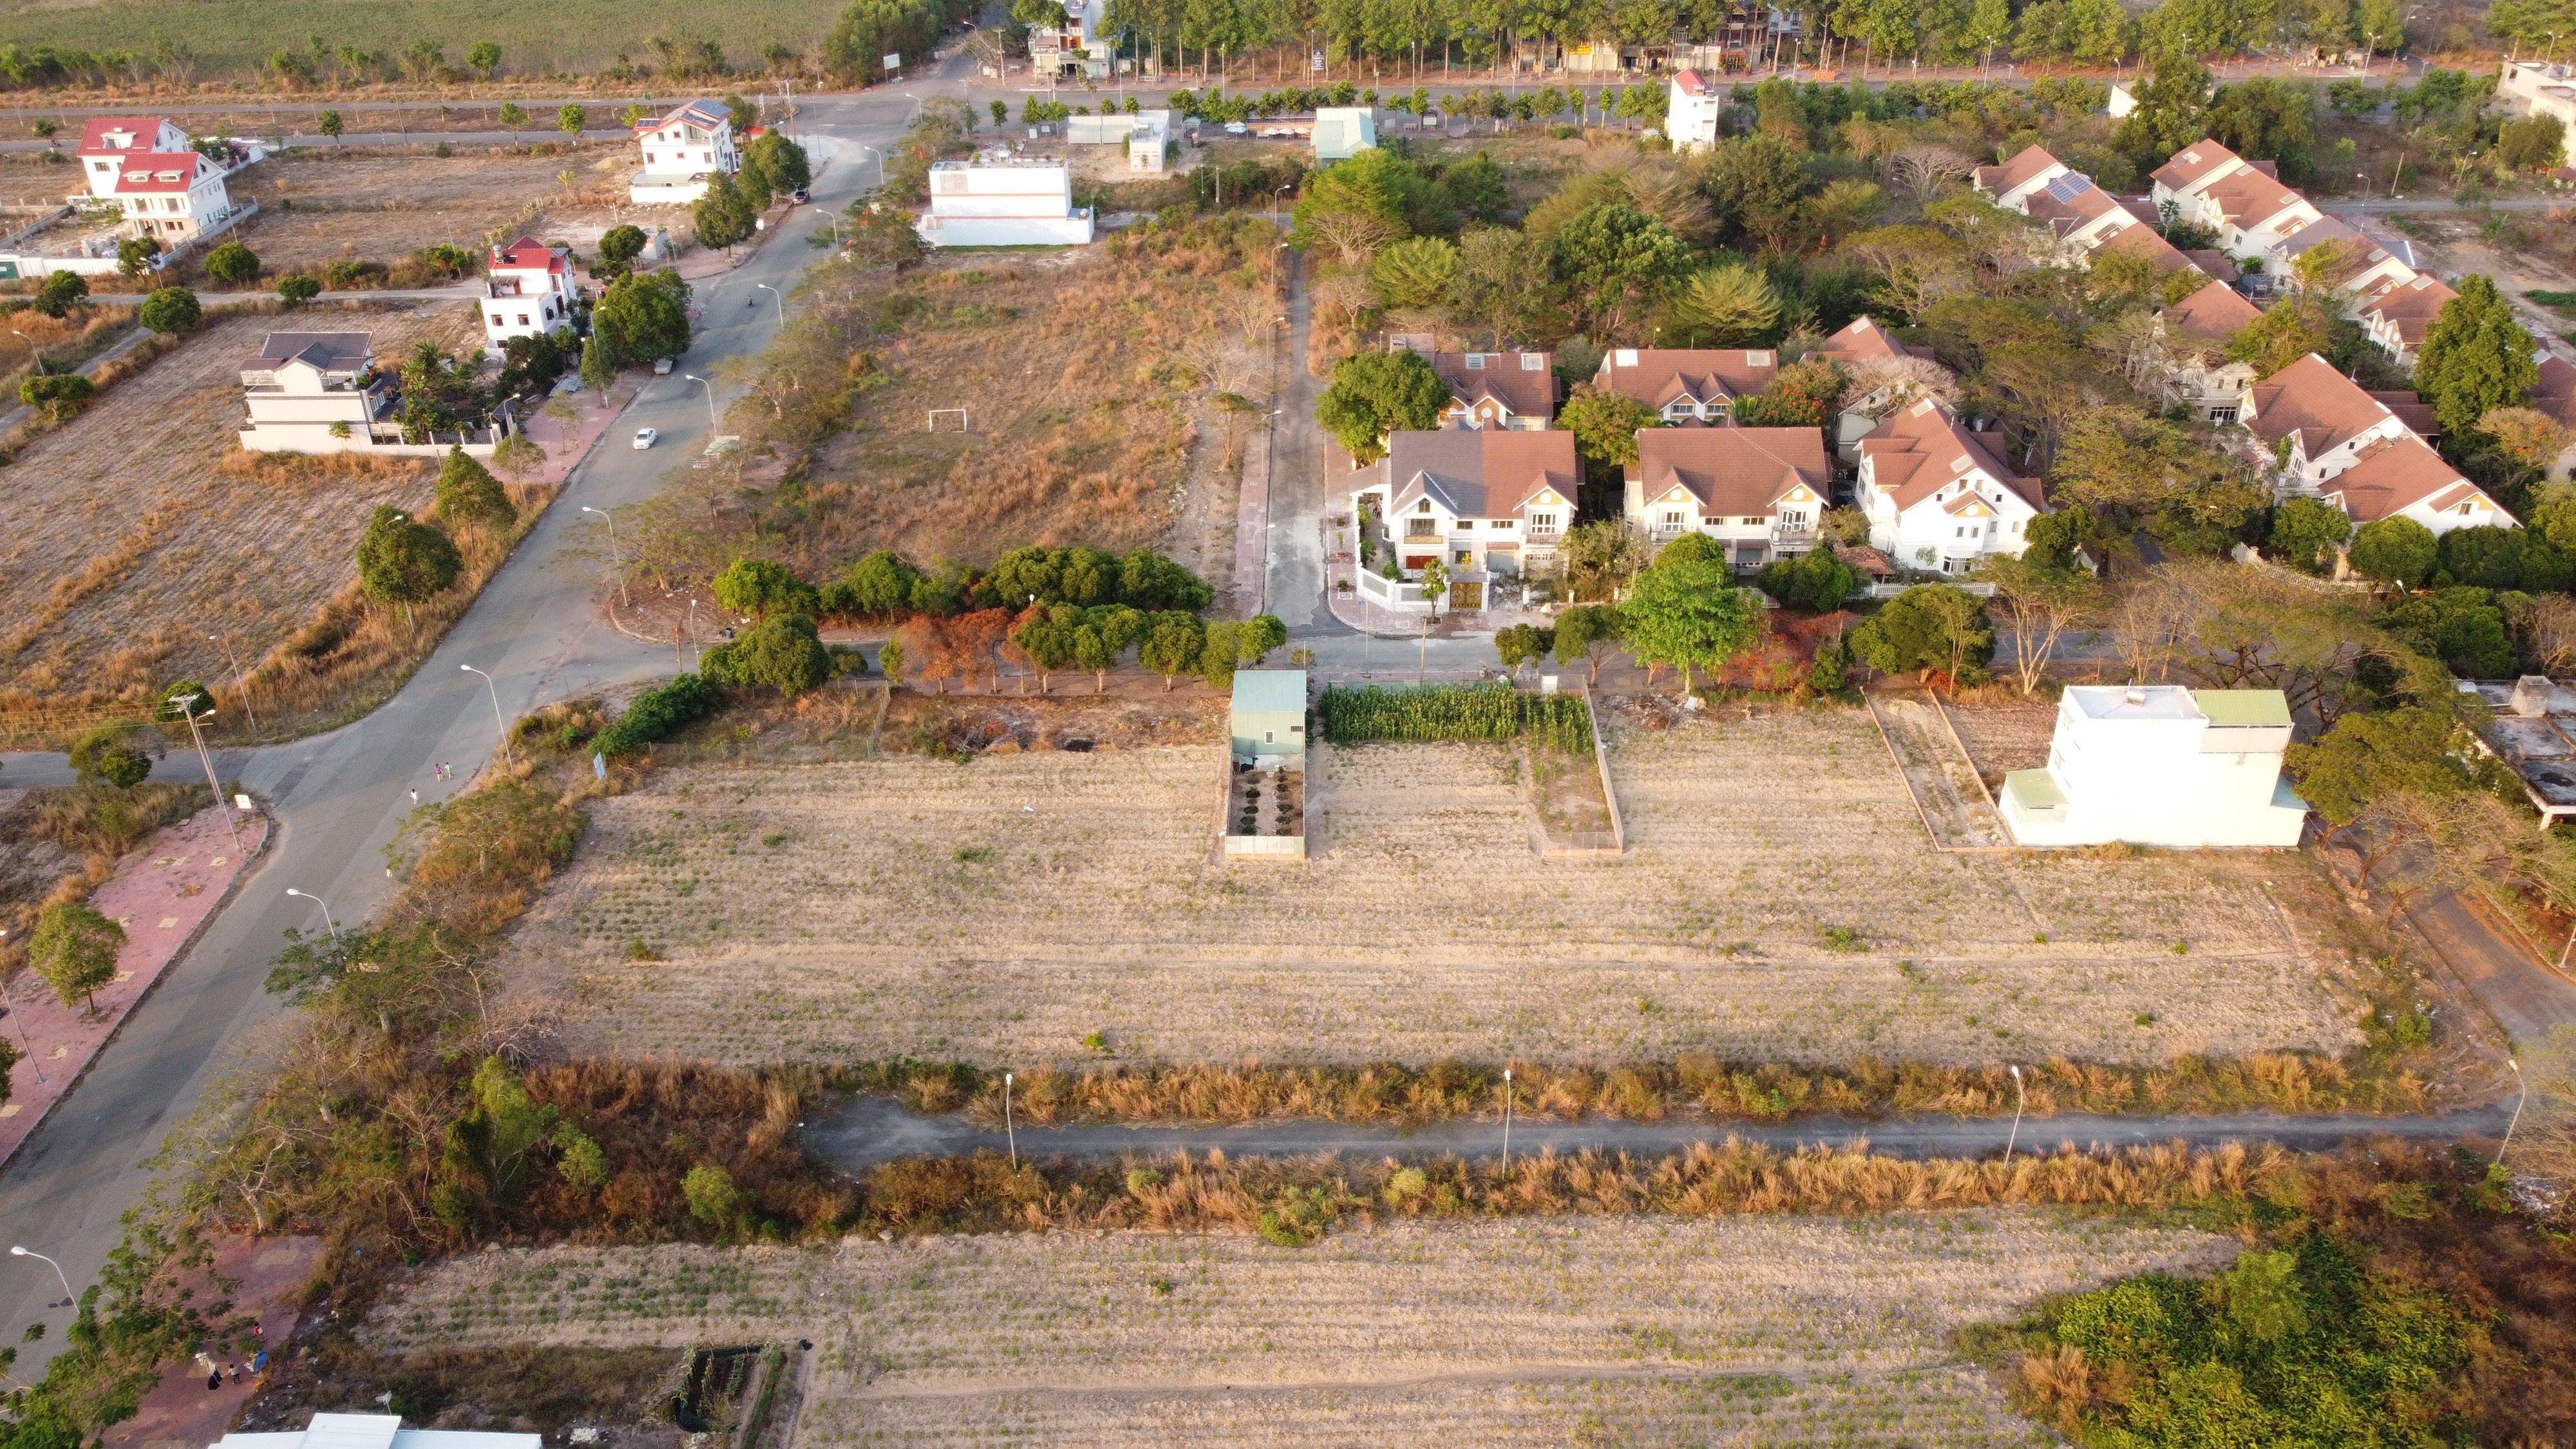 Phó Cục trưởng Tổng cục Quản lý đất đai: Giá đất tăng không phải do điều chỉnh Bảng giá  - Ảnh 1.